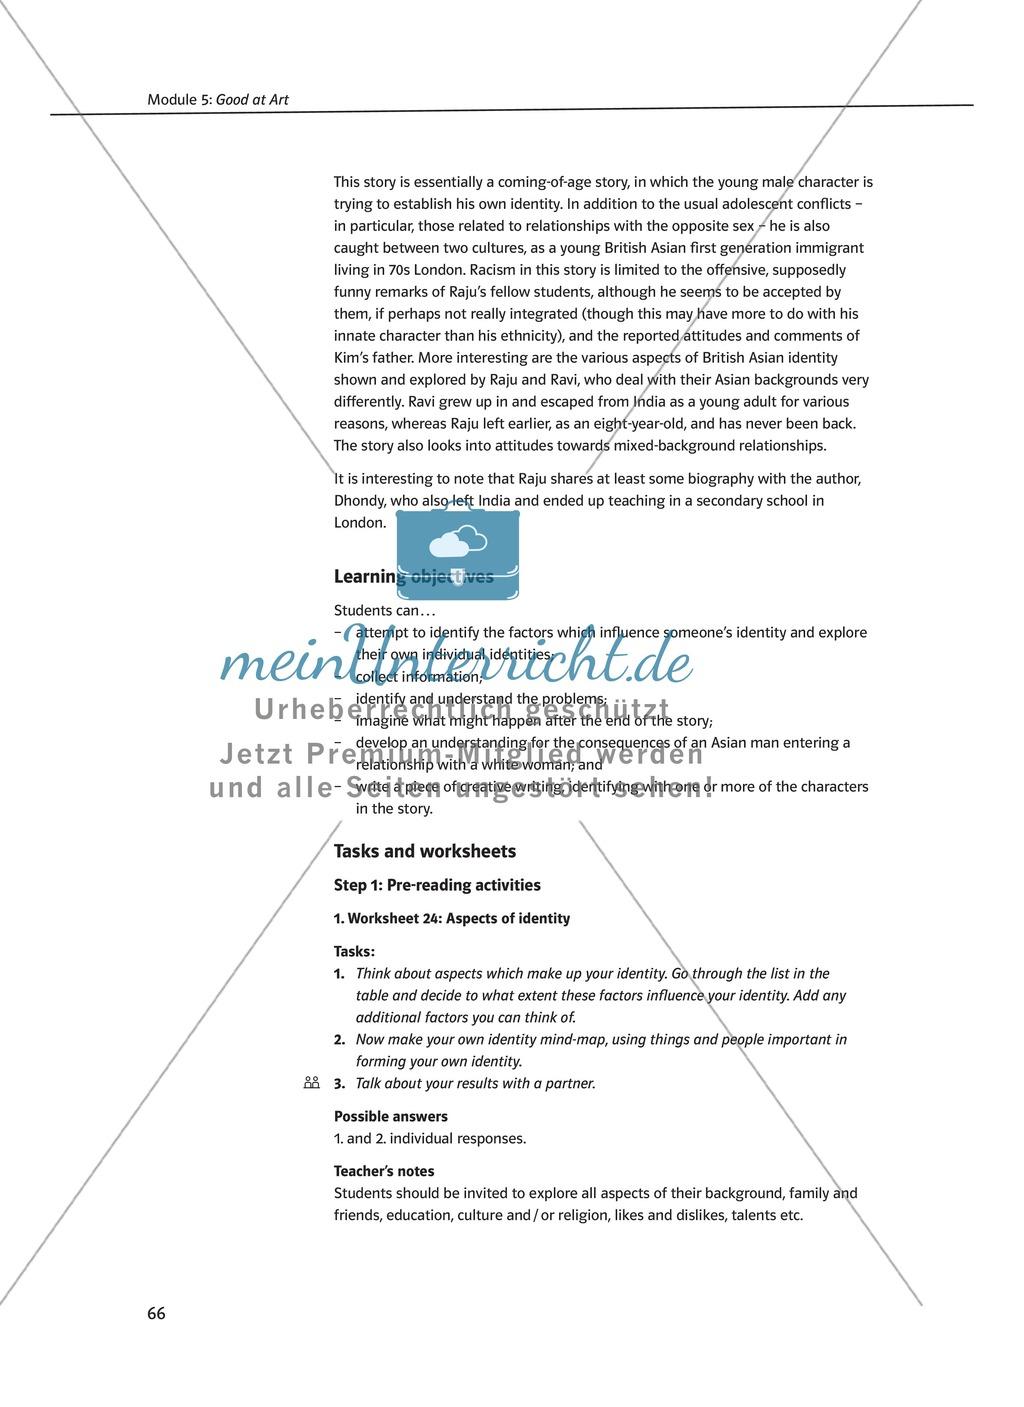 Good at Art: Zusammenfassung + Aufgaben + Arbeitsblätter Preview 1